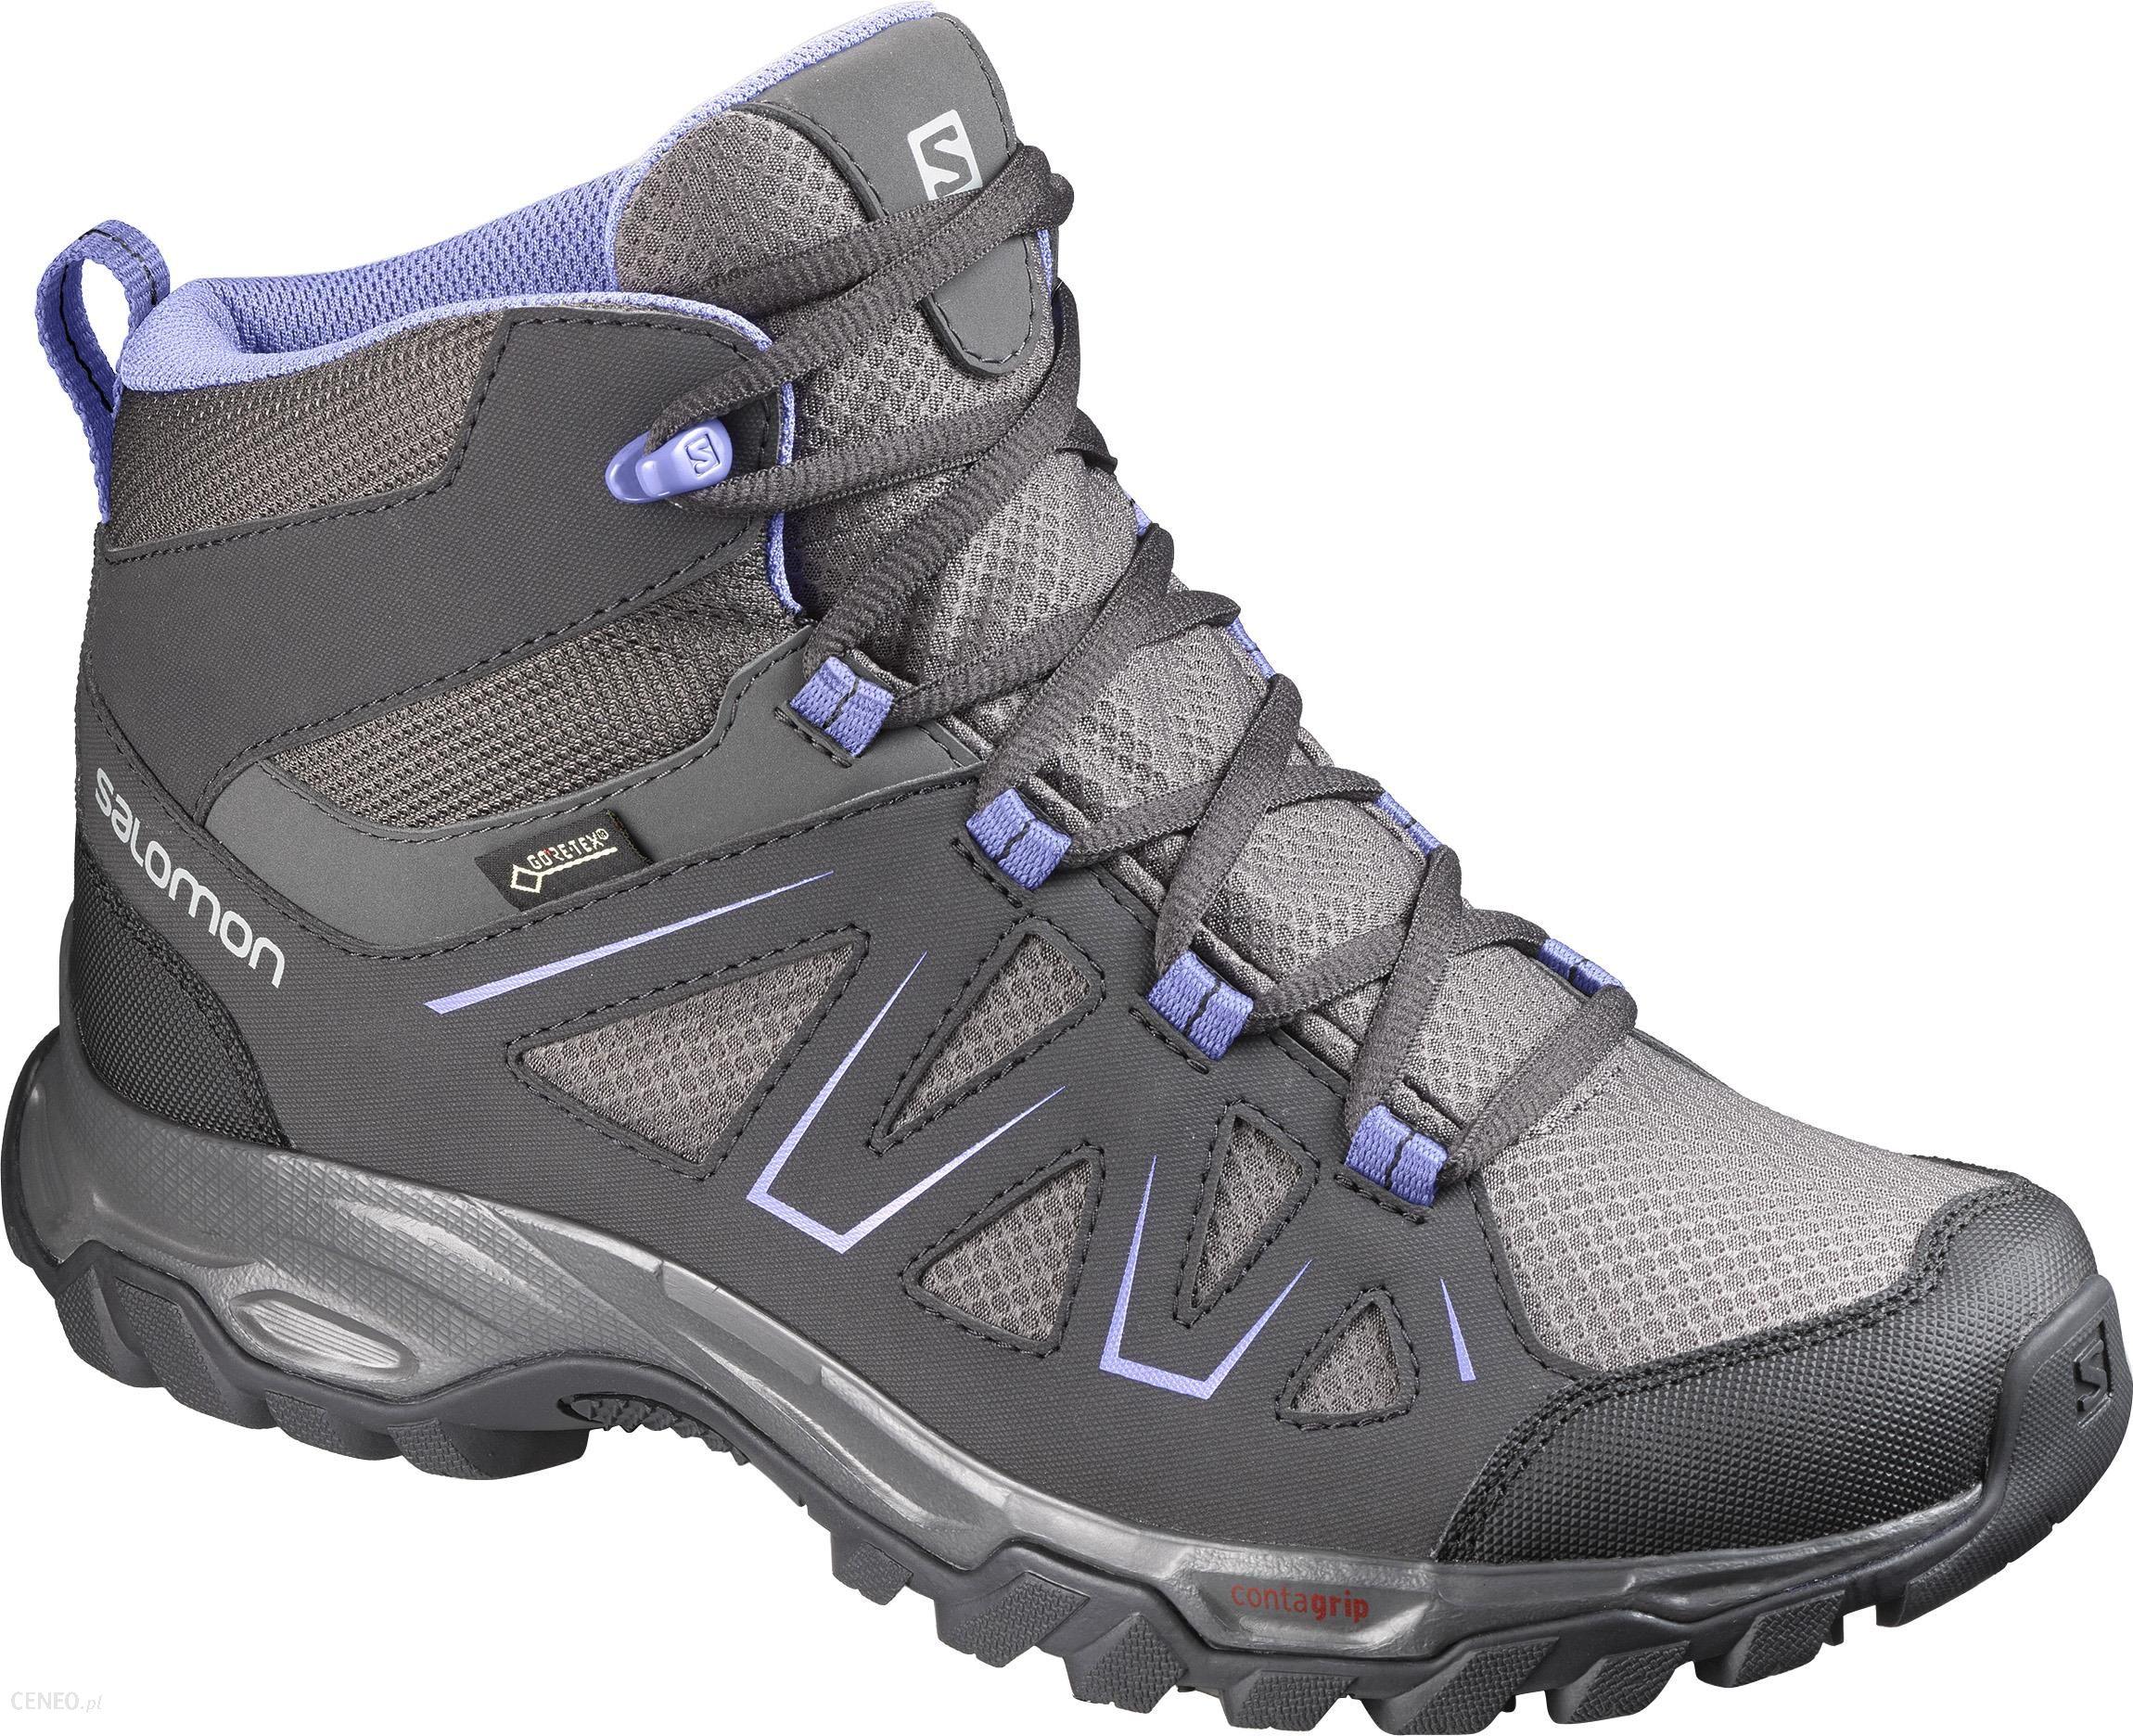 buty trekkingowe salomon damskie wysokie